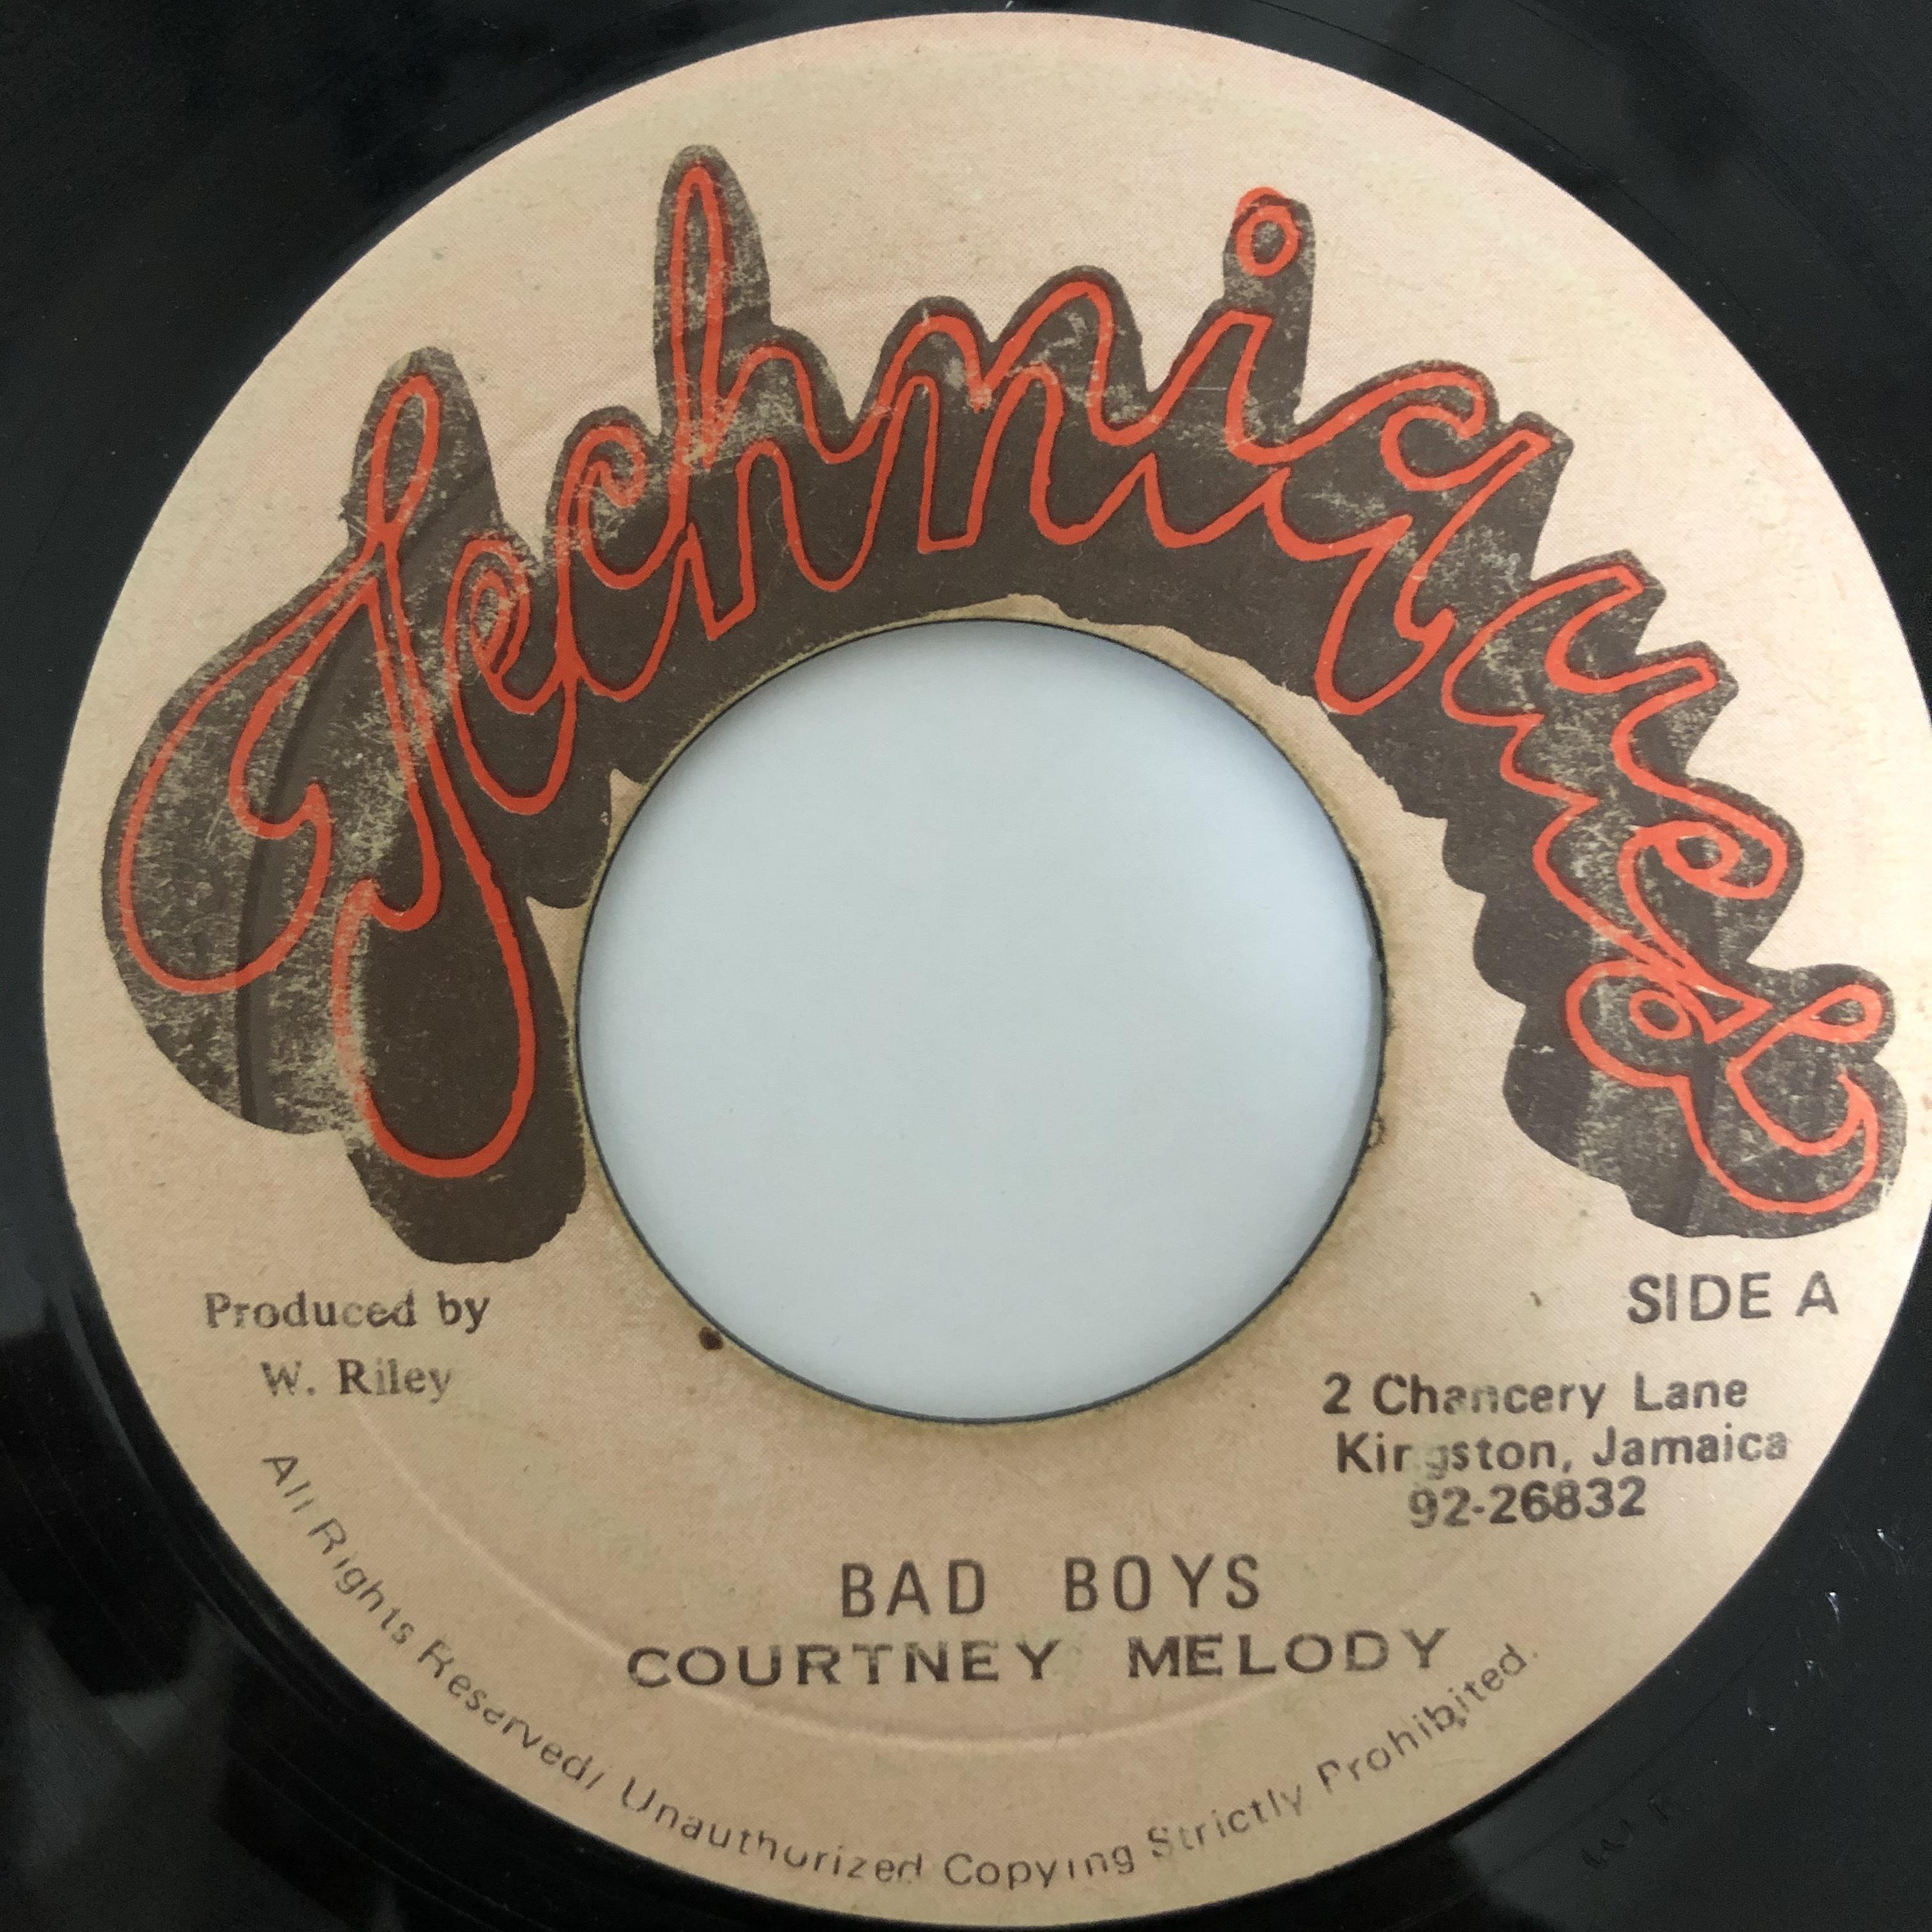 Courtney Melody - Bad Boy【7-20443】